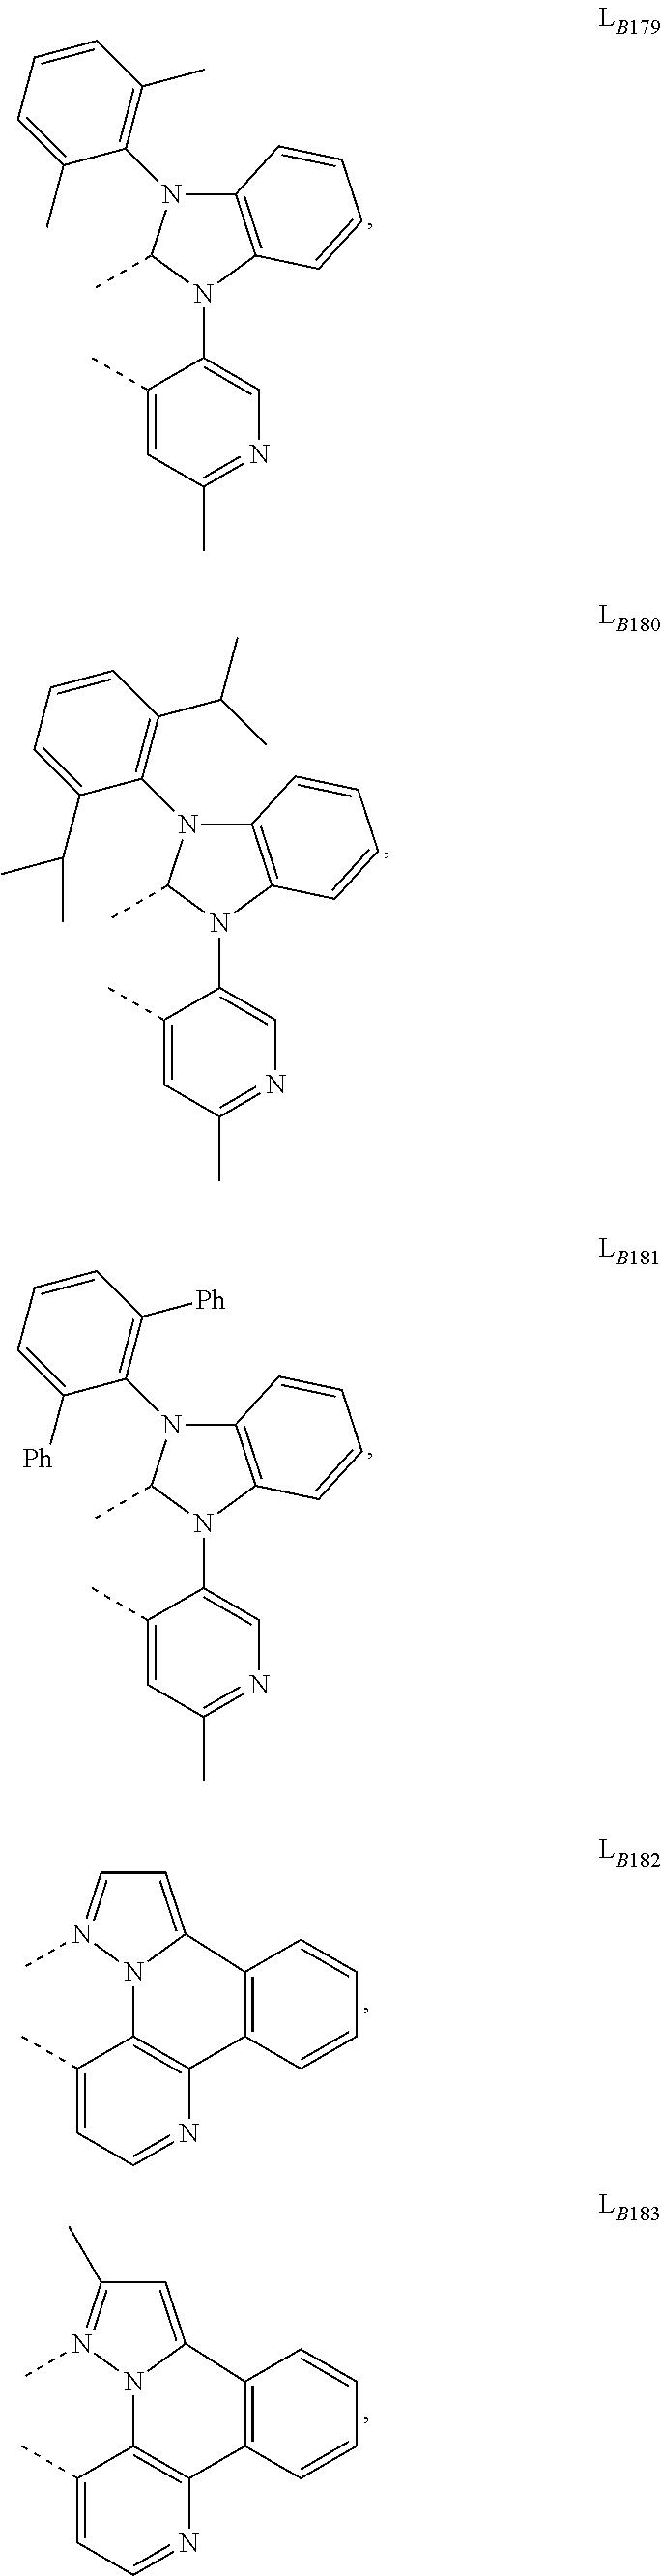 Figure US09905785-20180227-C00538